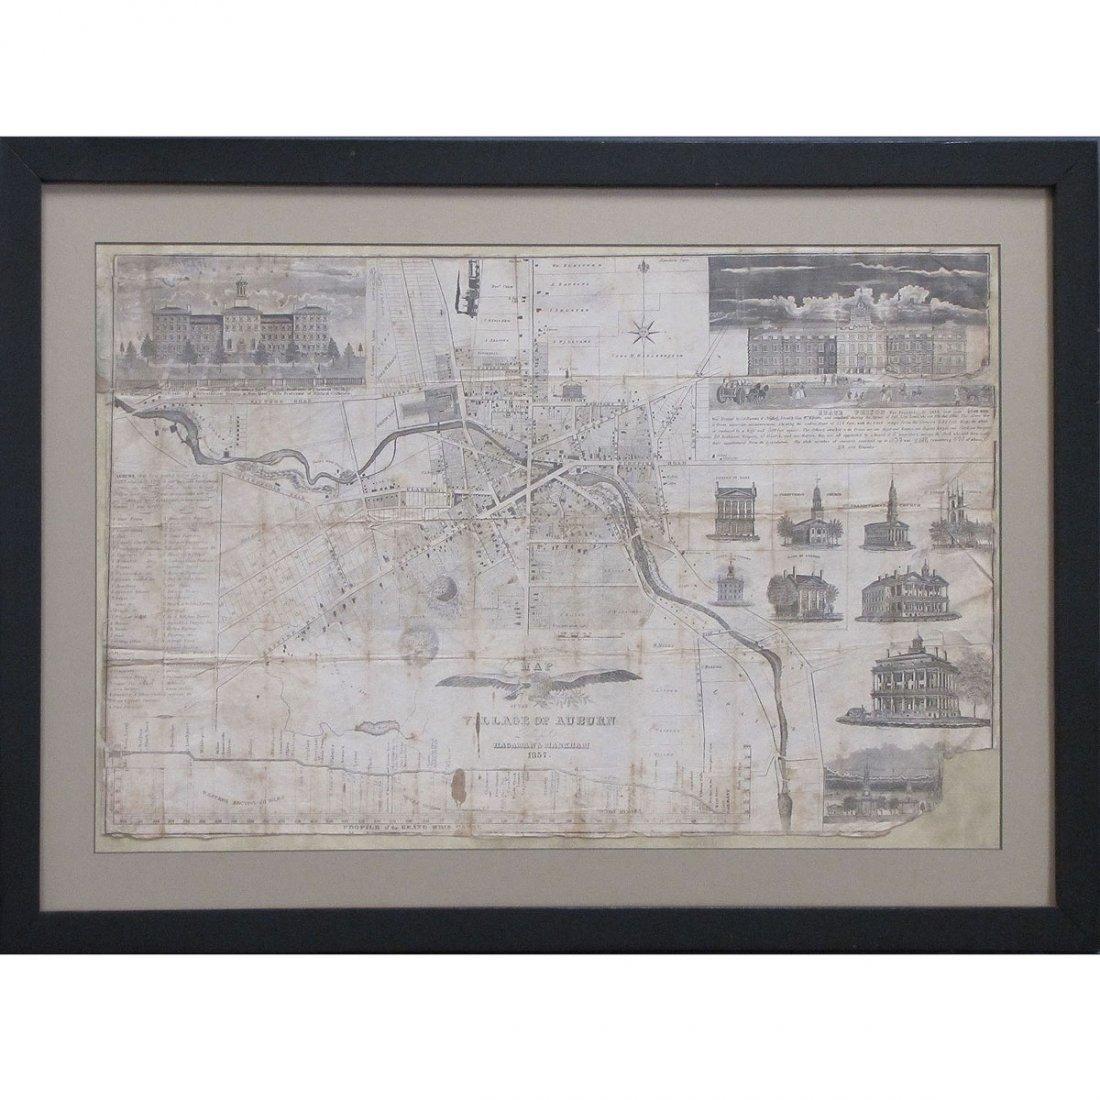 HAGAMAN & MARKHAM ENGRAVED MAP OF AUBURN, NY 1837